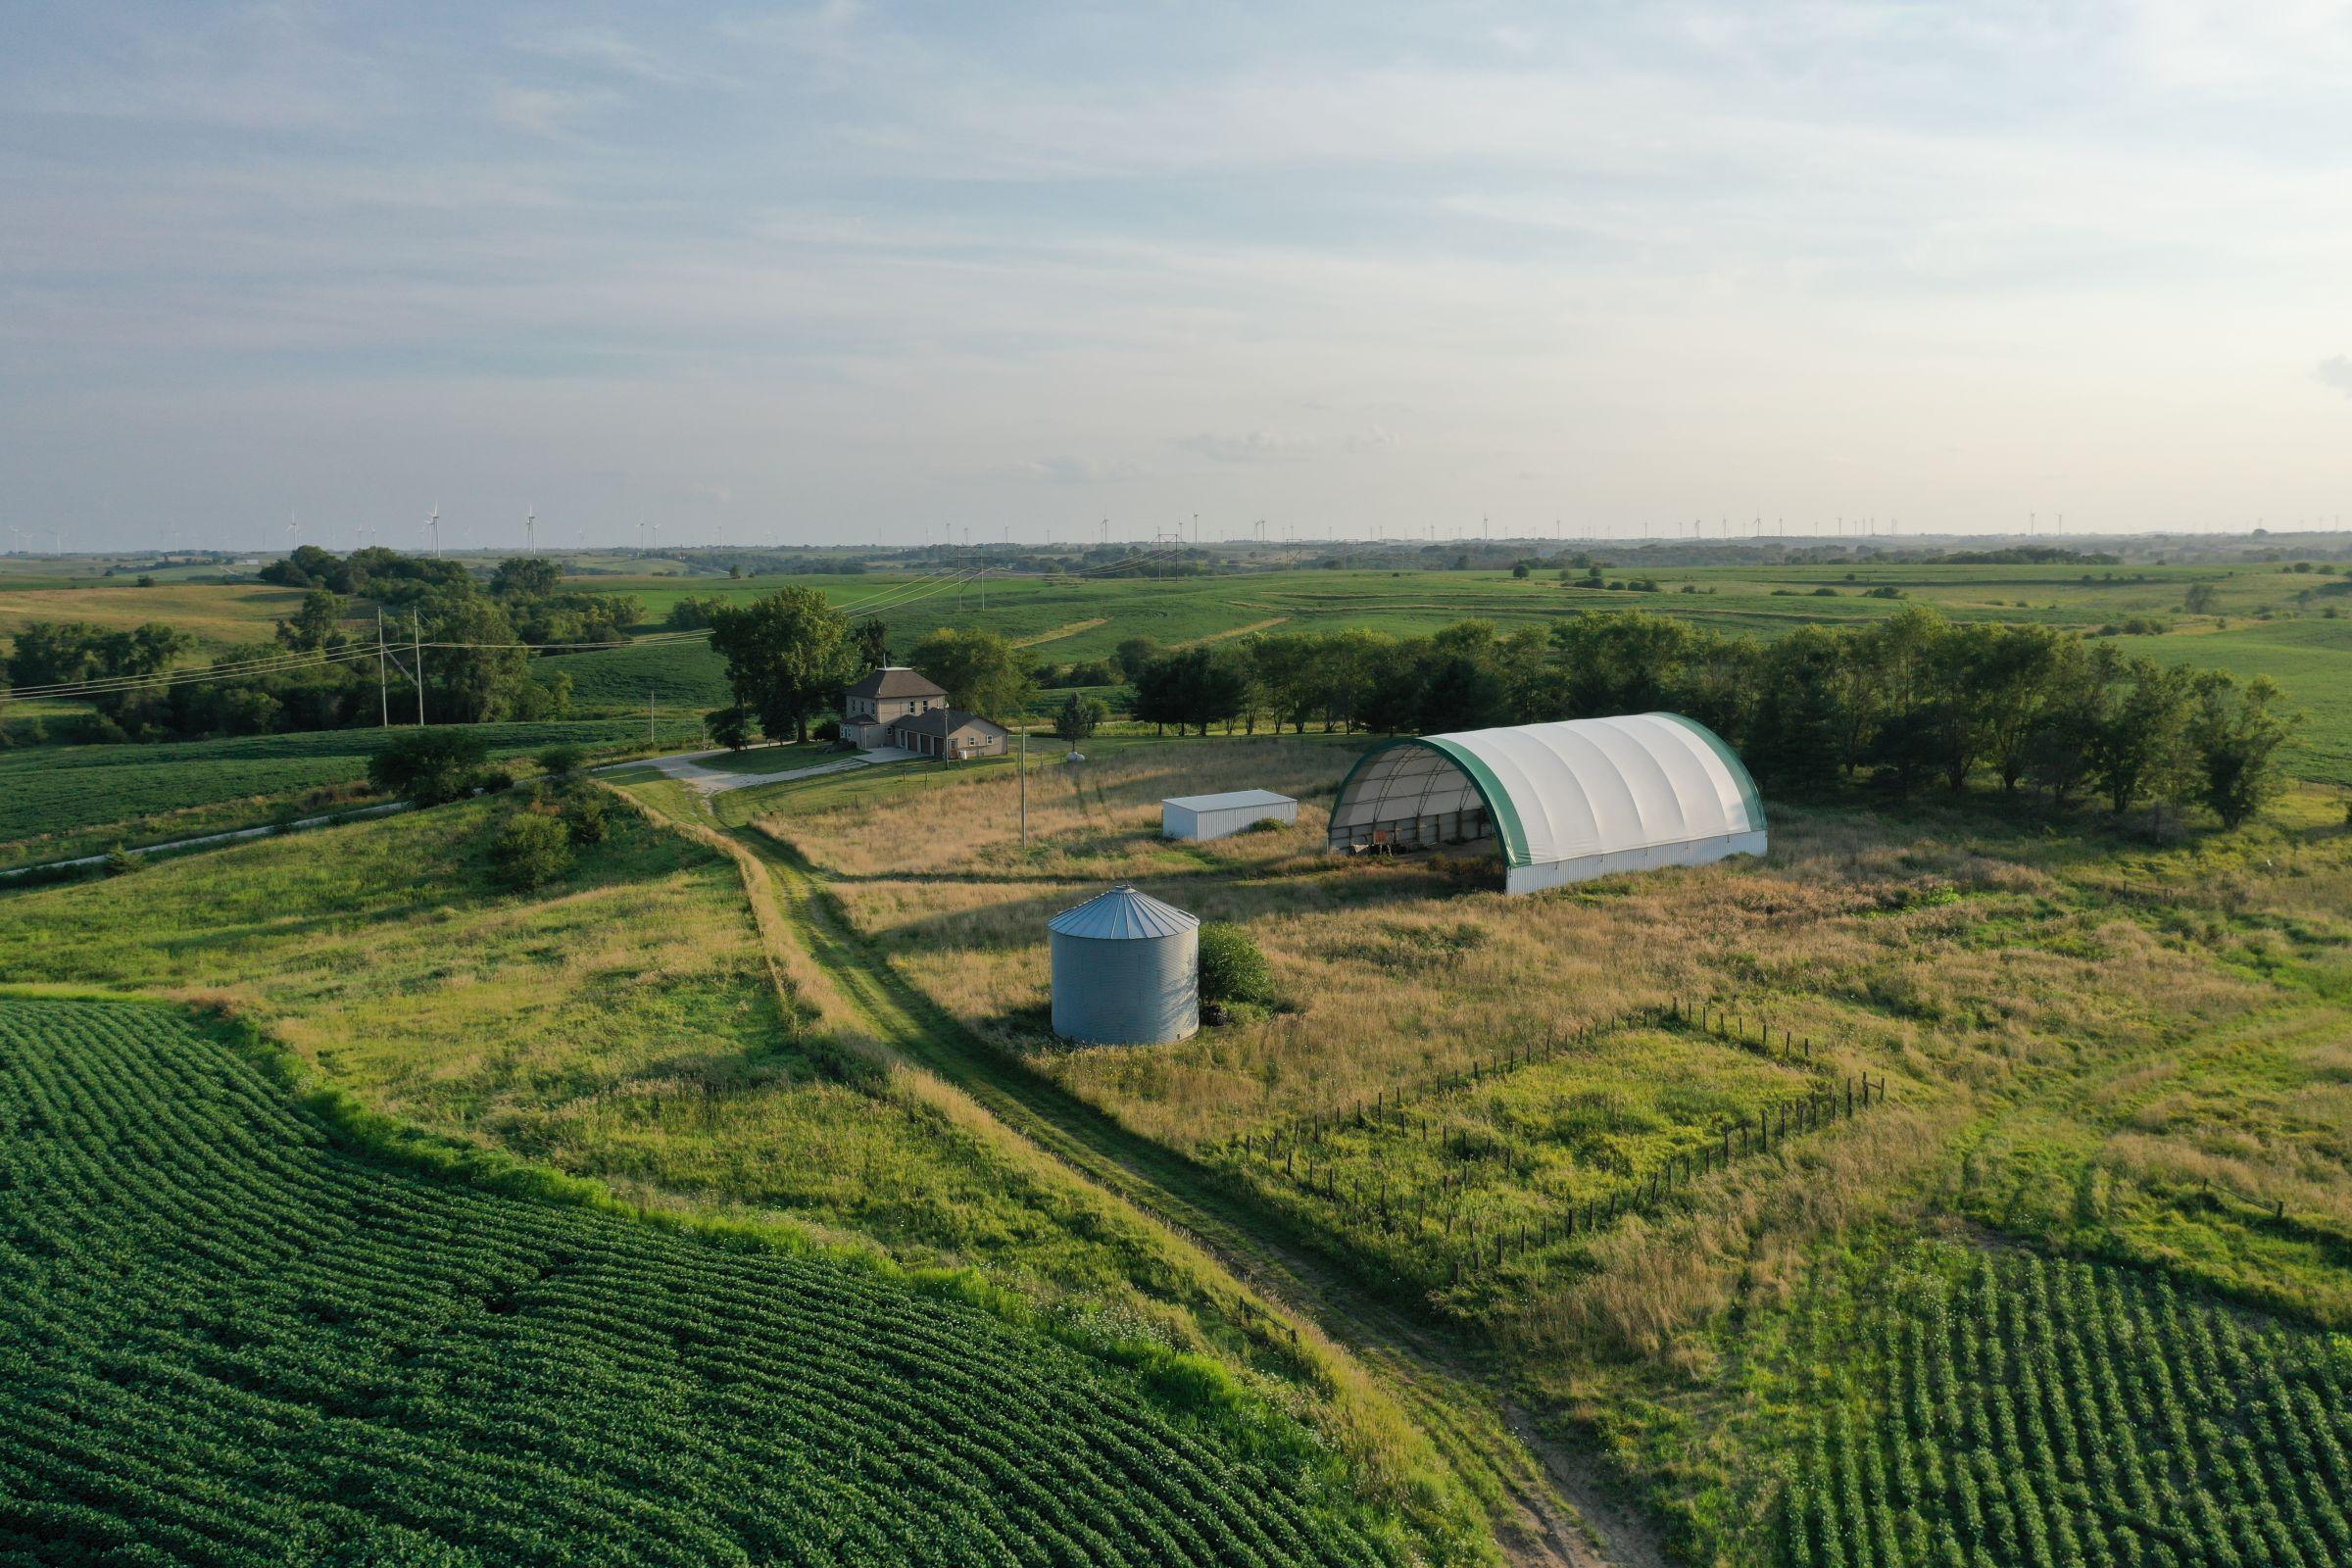 adair-county-iowa-6-acres-listing-number-15664-2-2021-08-04-193036.JPG